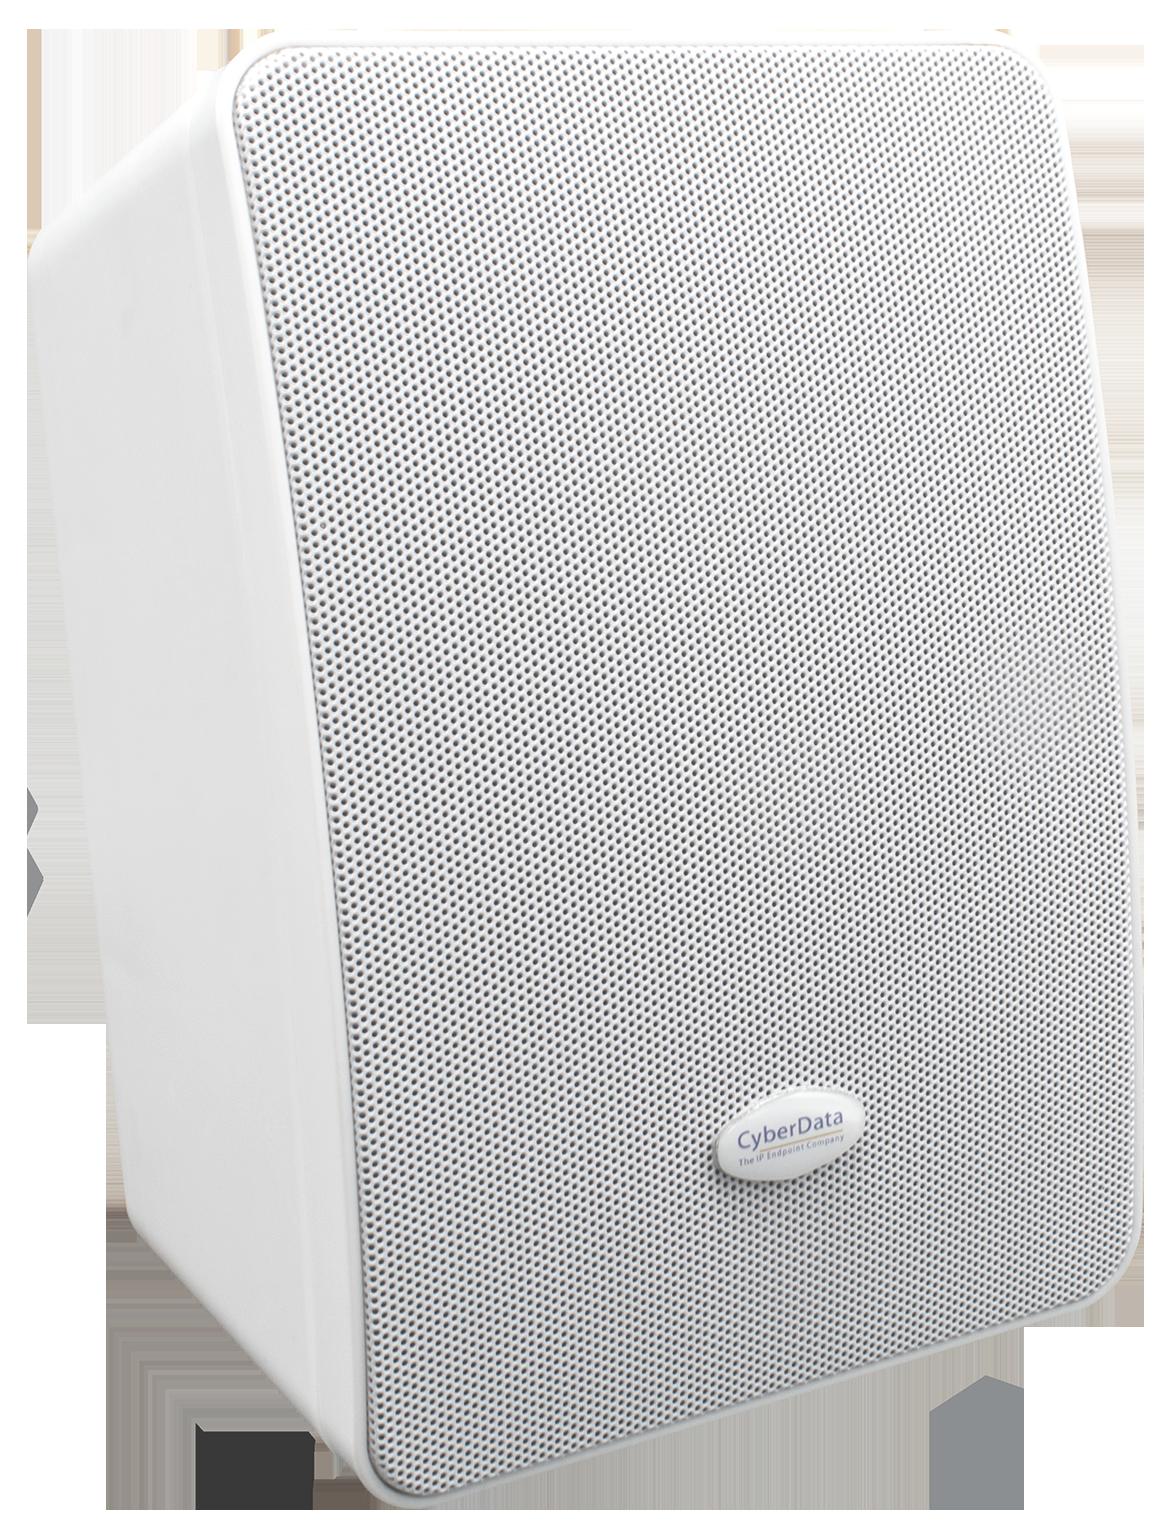 011487 Multicast Wall Mount Speaker